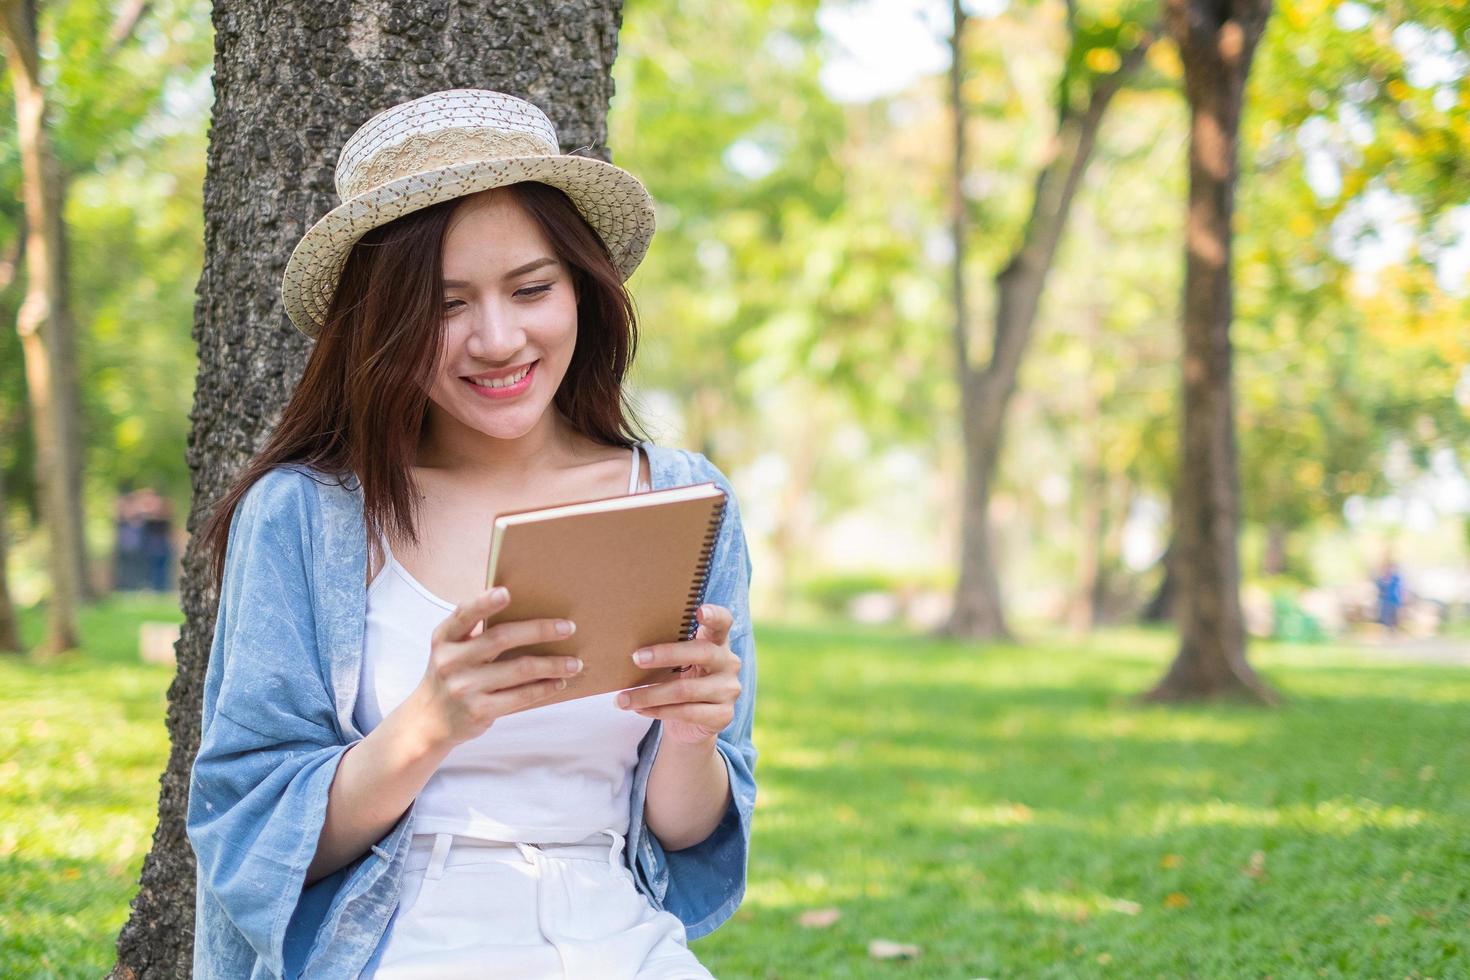 femme regardant cahier dans le parc photo